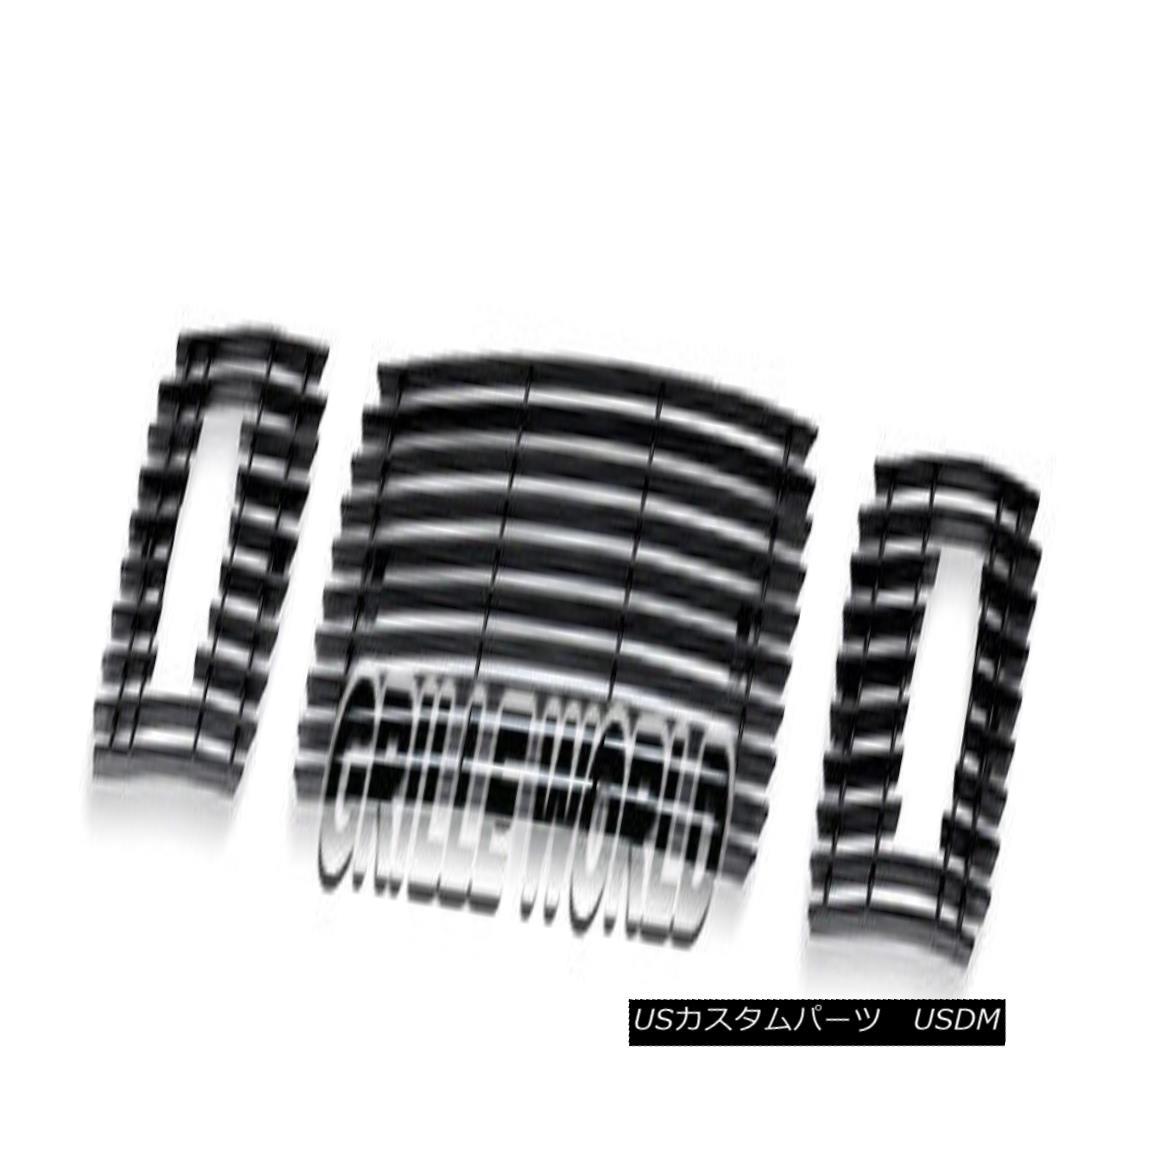 グリル For 04-10 Chevy Colorado Xtreme Bumper Black Billet Premium Grille Insert 04-10 Chevy Colorado Xtreme Bumper Black Billetプレミアムグリルインサート